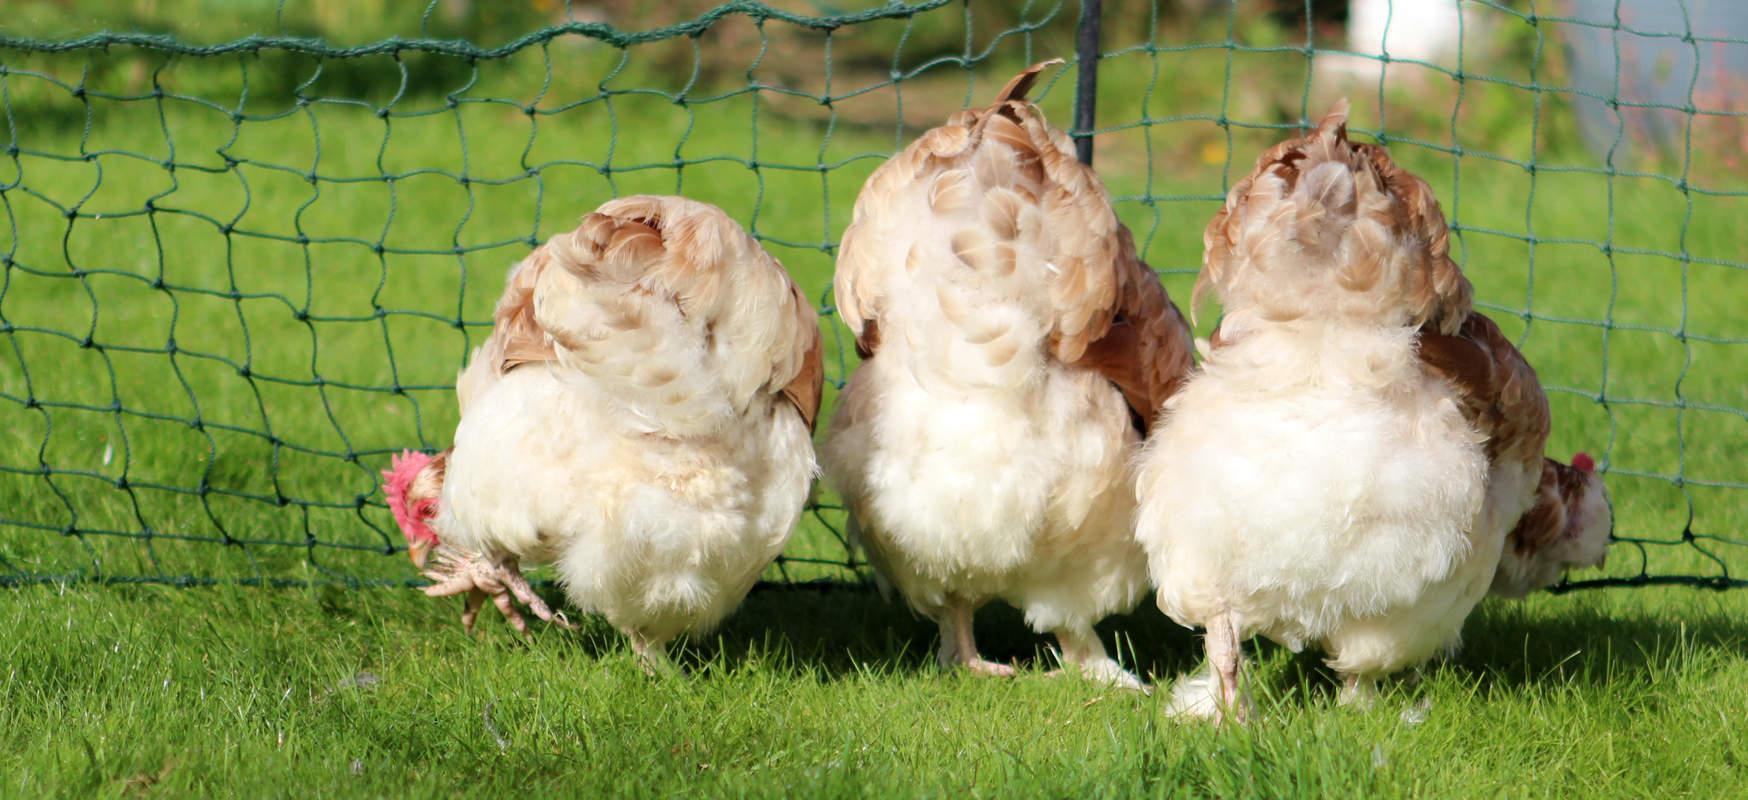 Фавероль - мясо-яичная порода кур. Описание, содержание и выращивание, правила инкубации